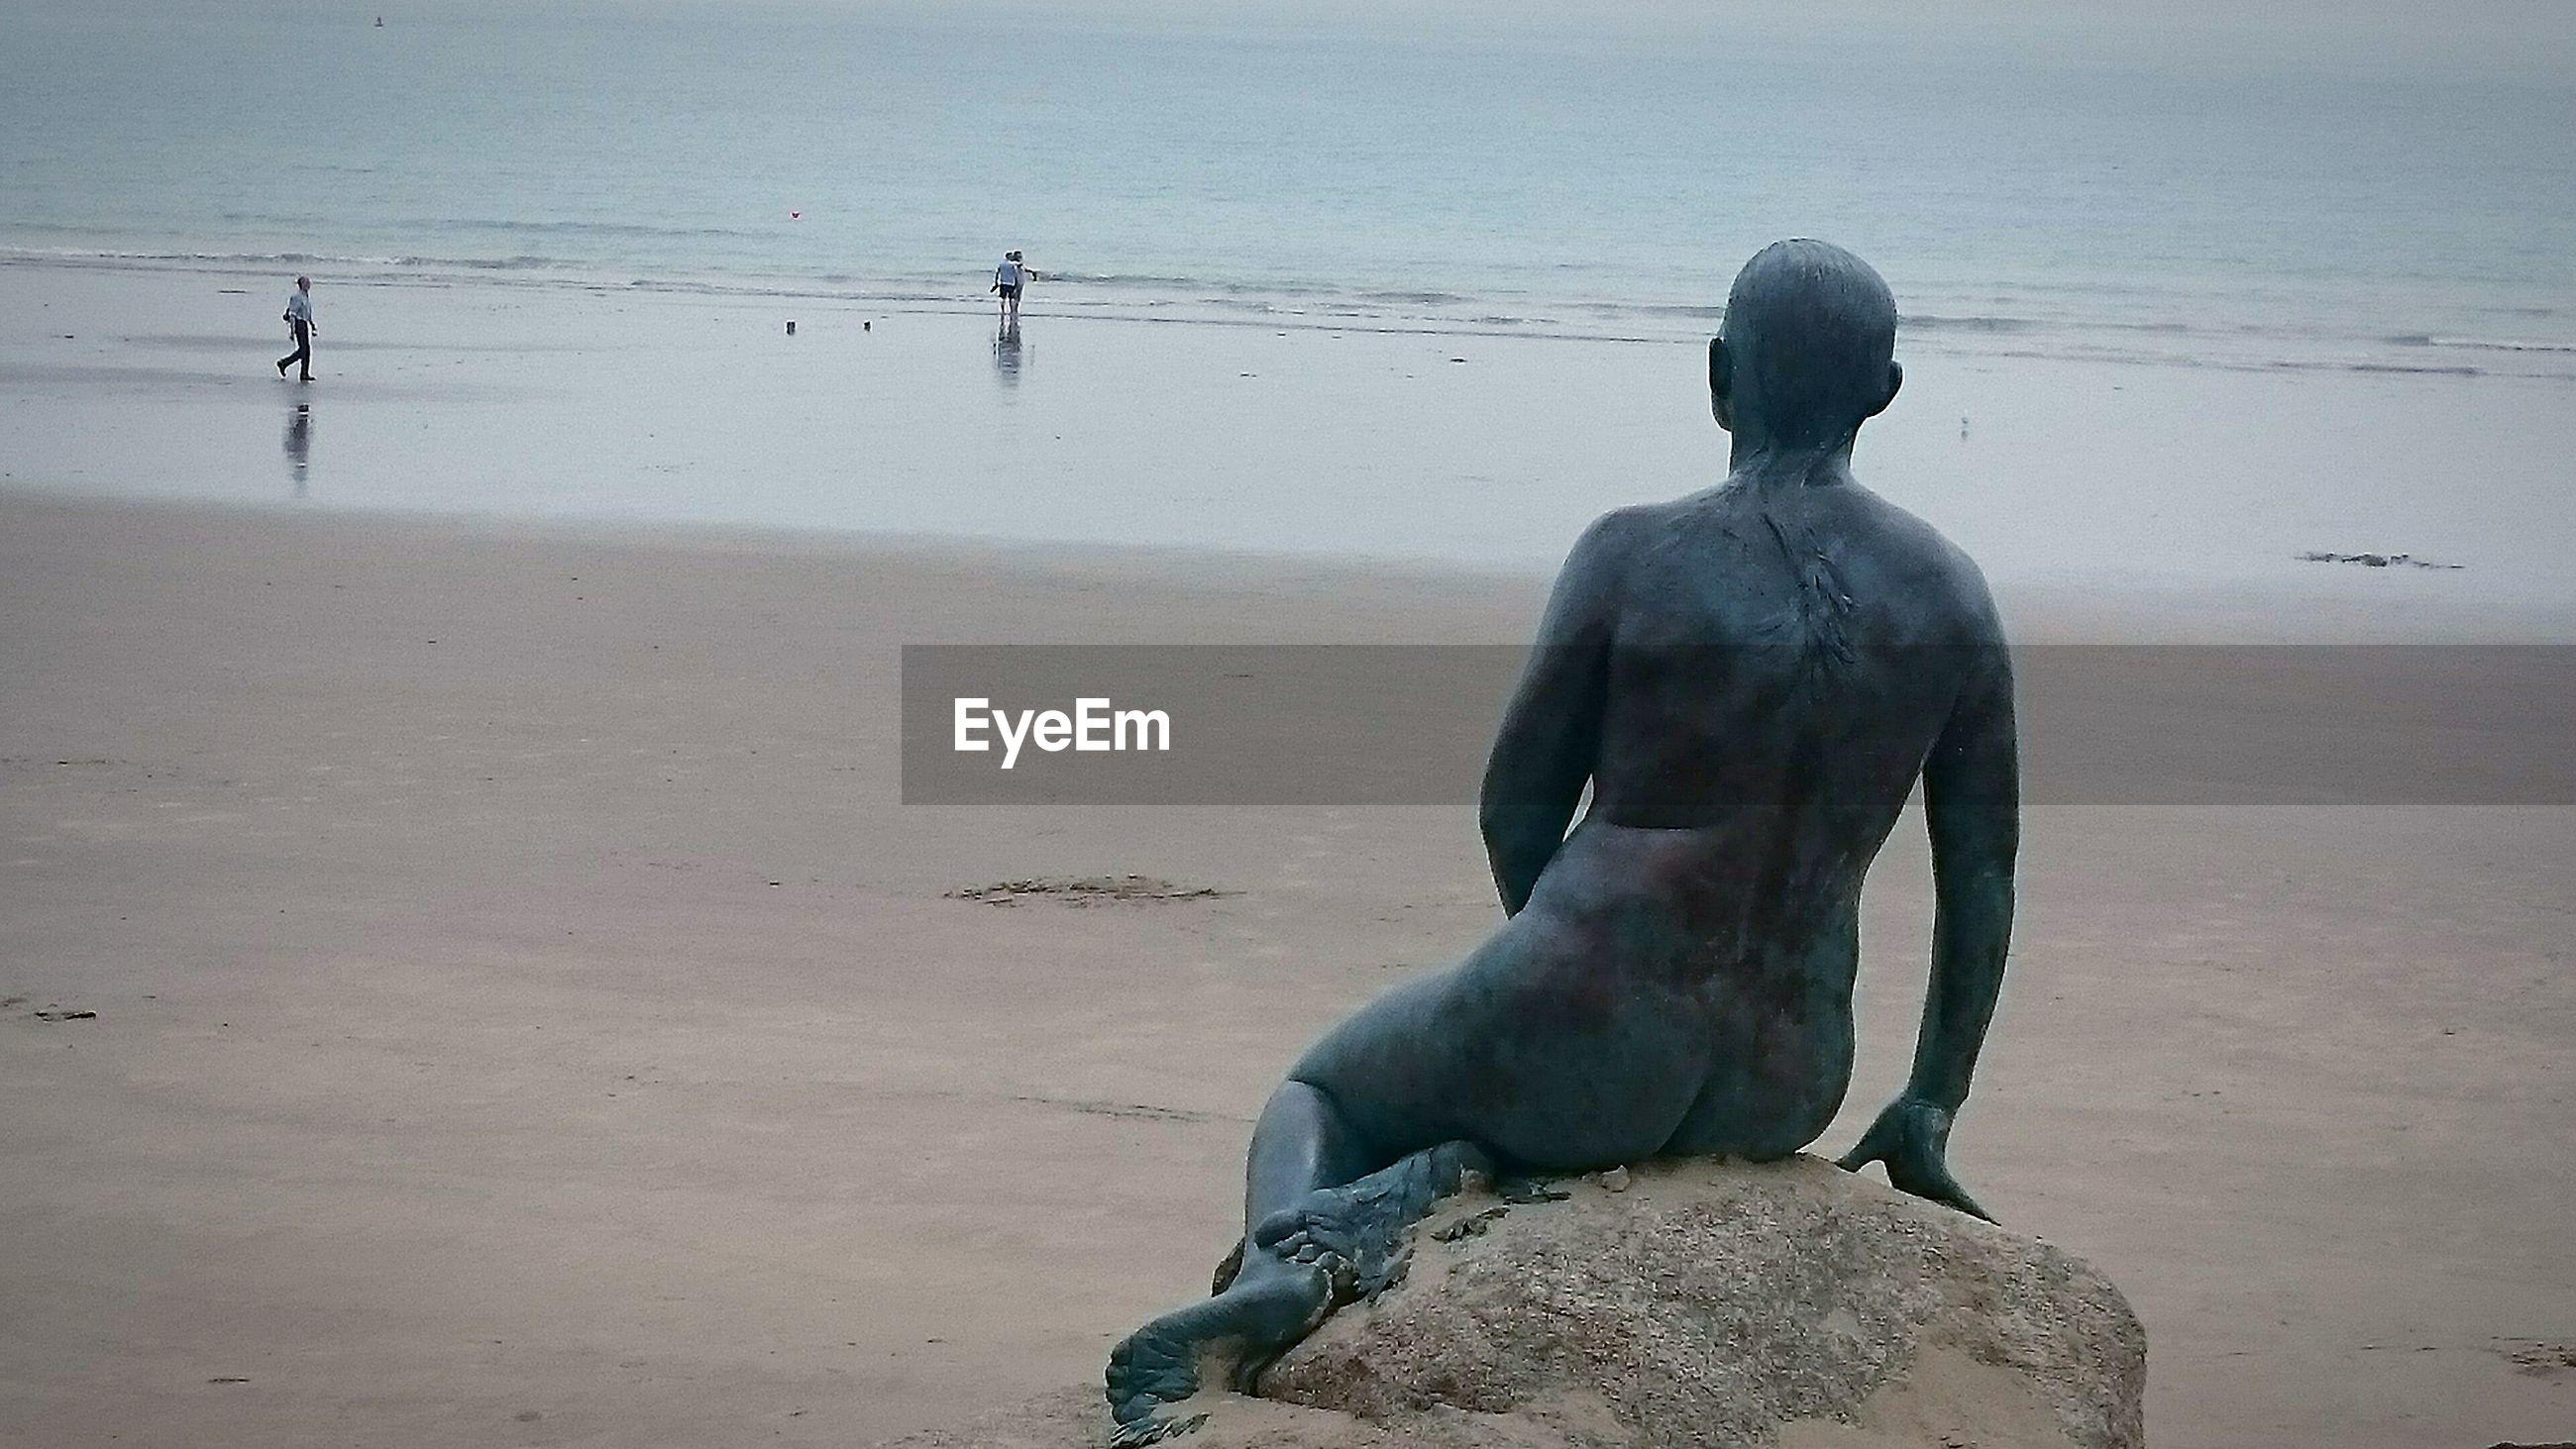 Statue at beach